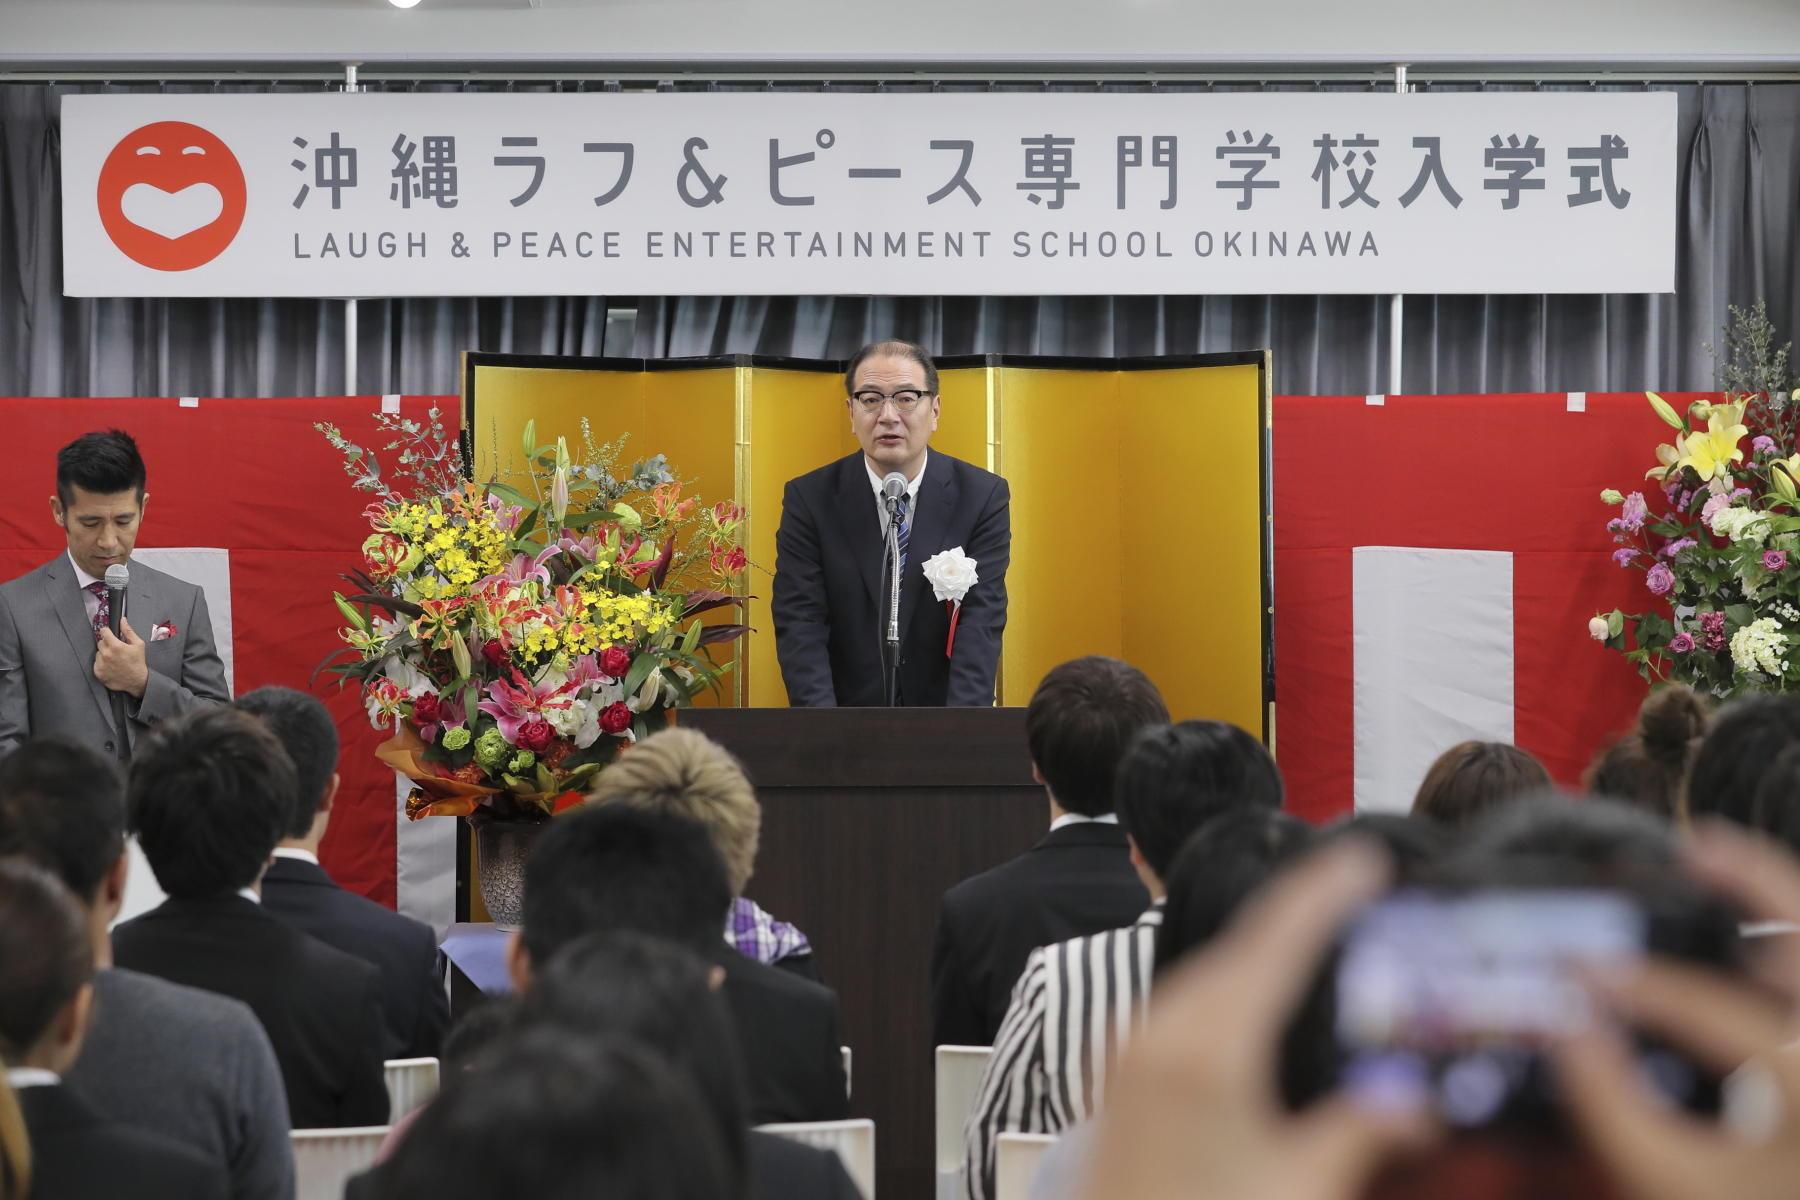 http://news.yoshimoto.co.jp/20180409185104-a67142ad6f2415b843fc0716e0c4aa1a96eed504.jpg